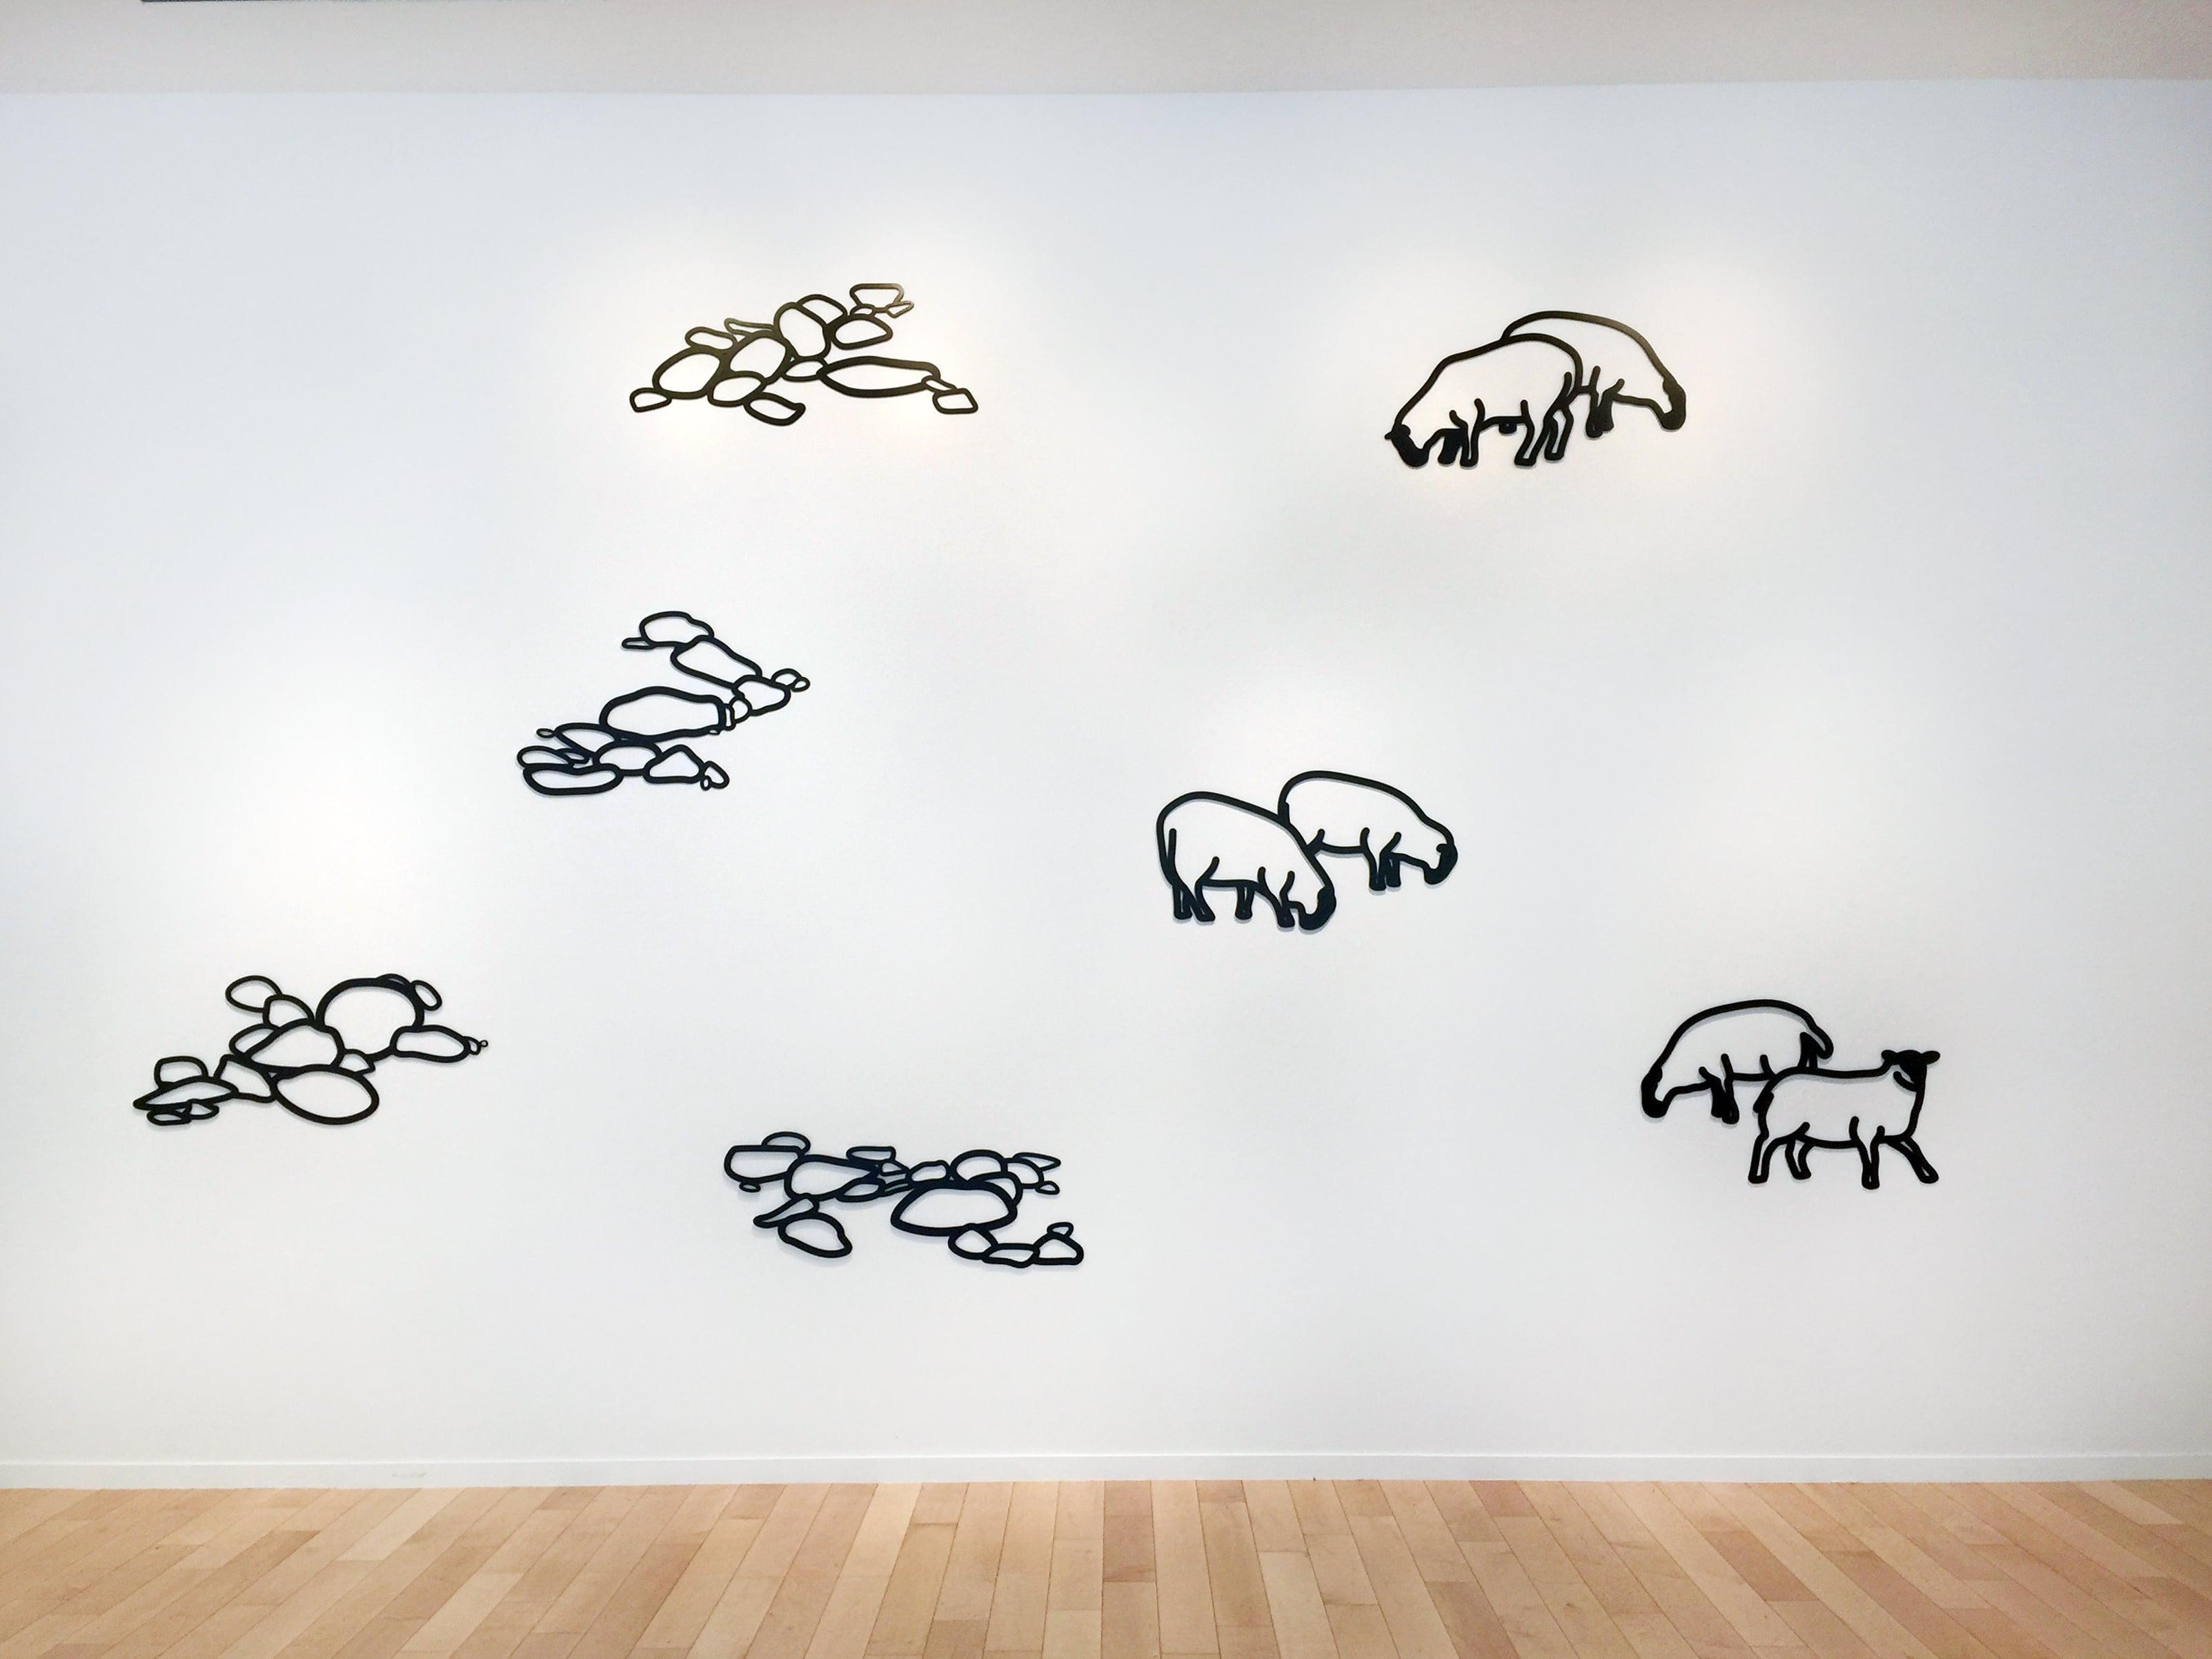 Julian Opie Sculptures Pebbles Sheep